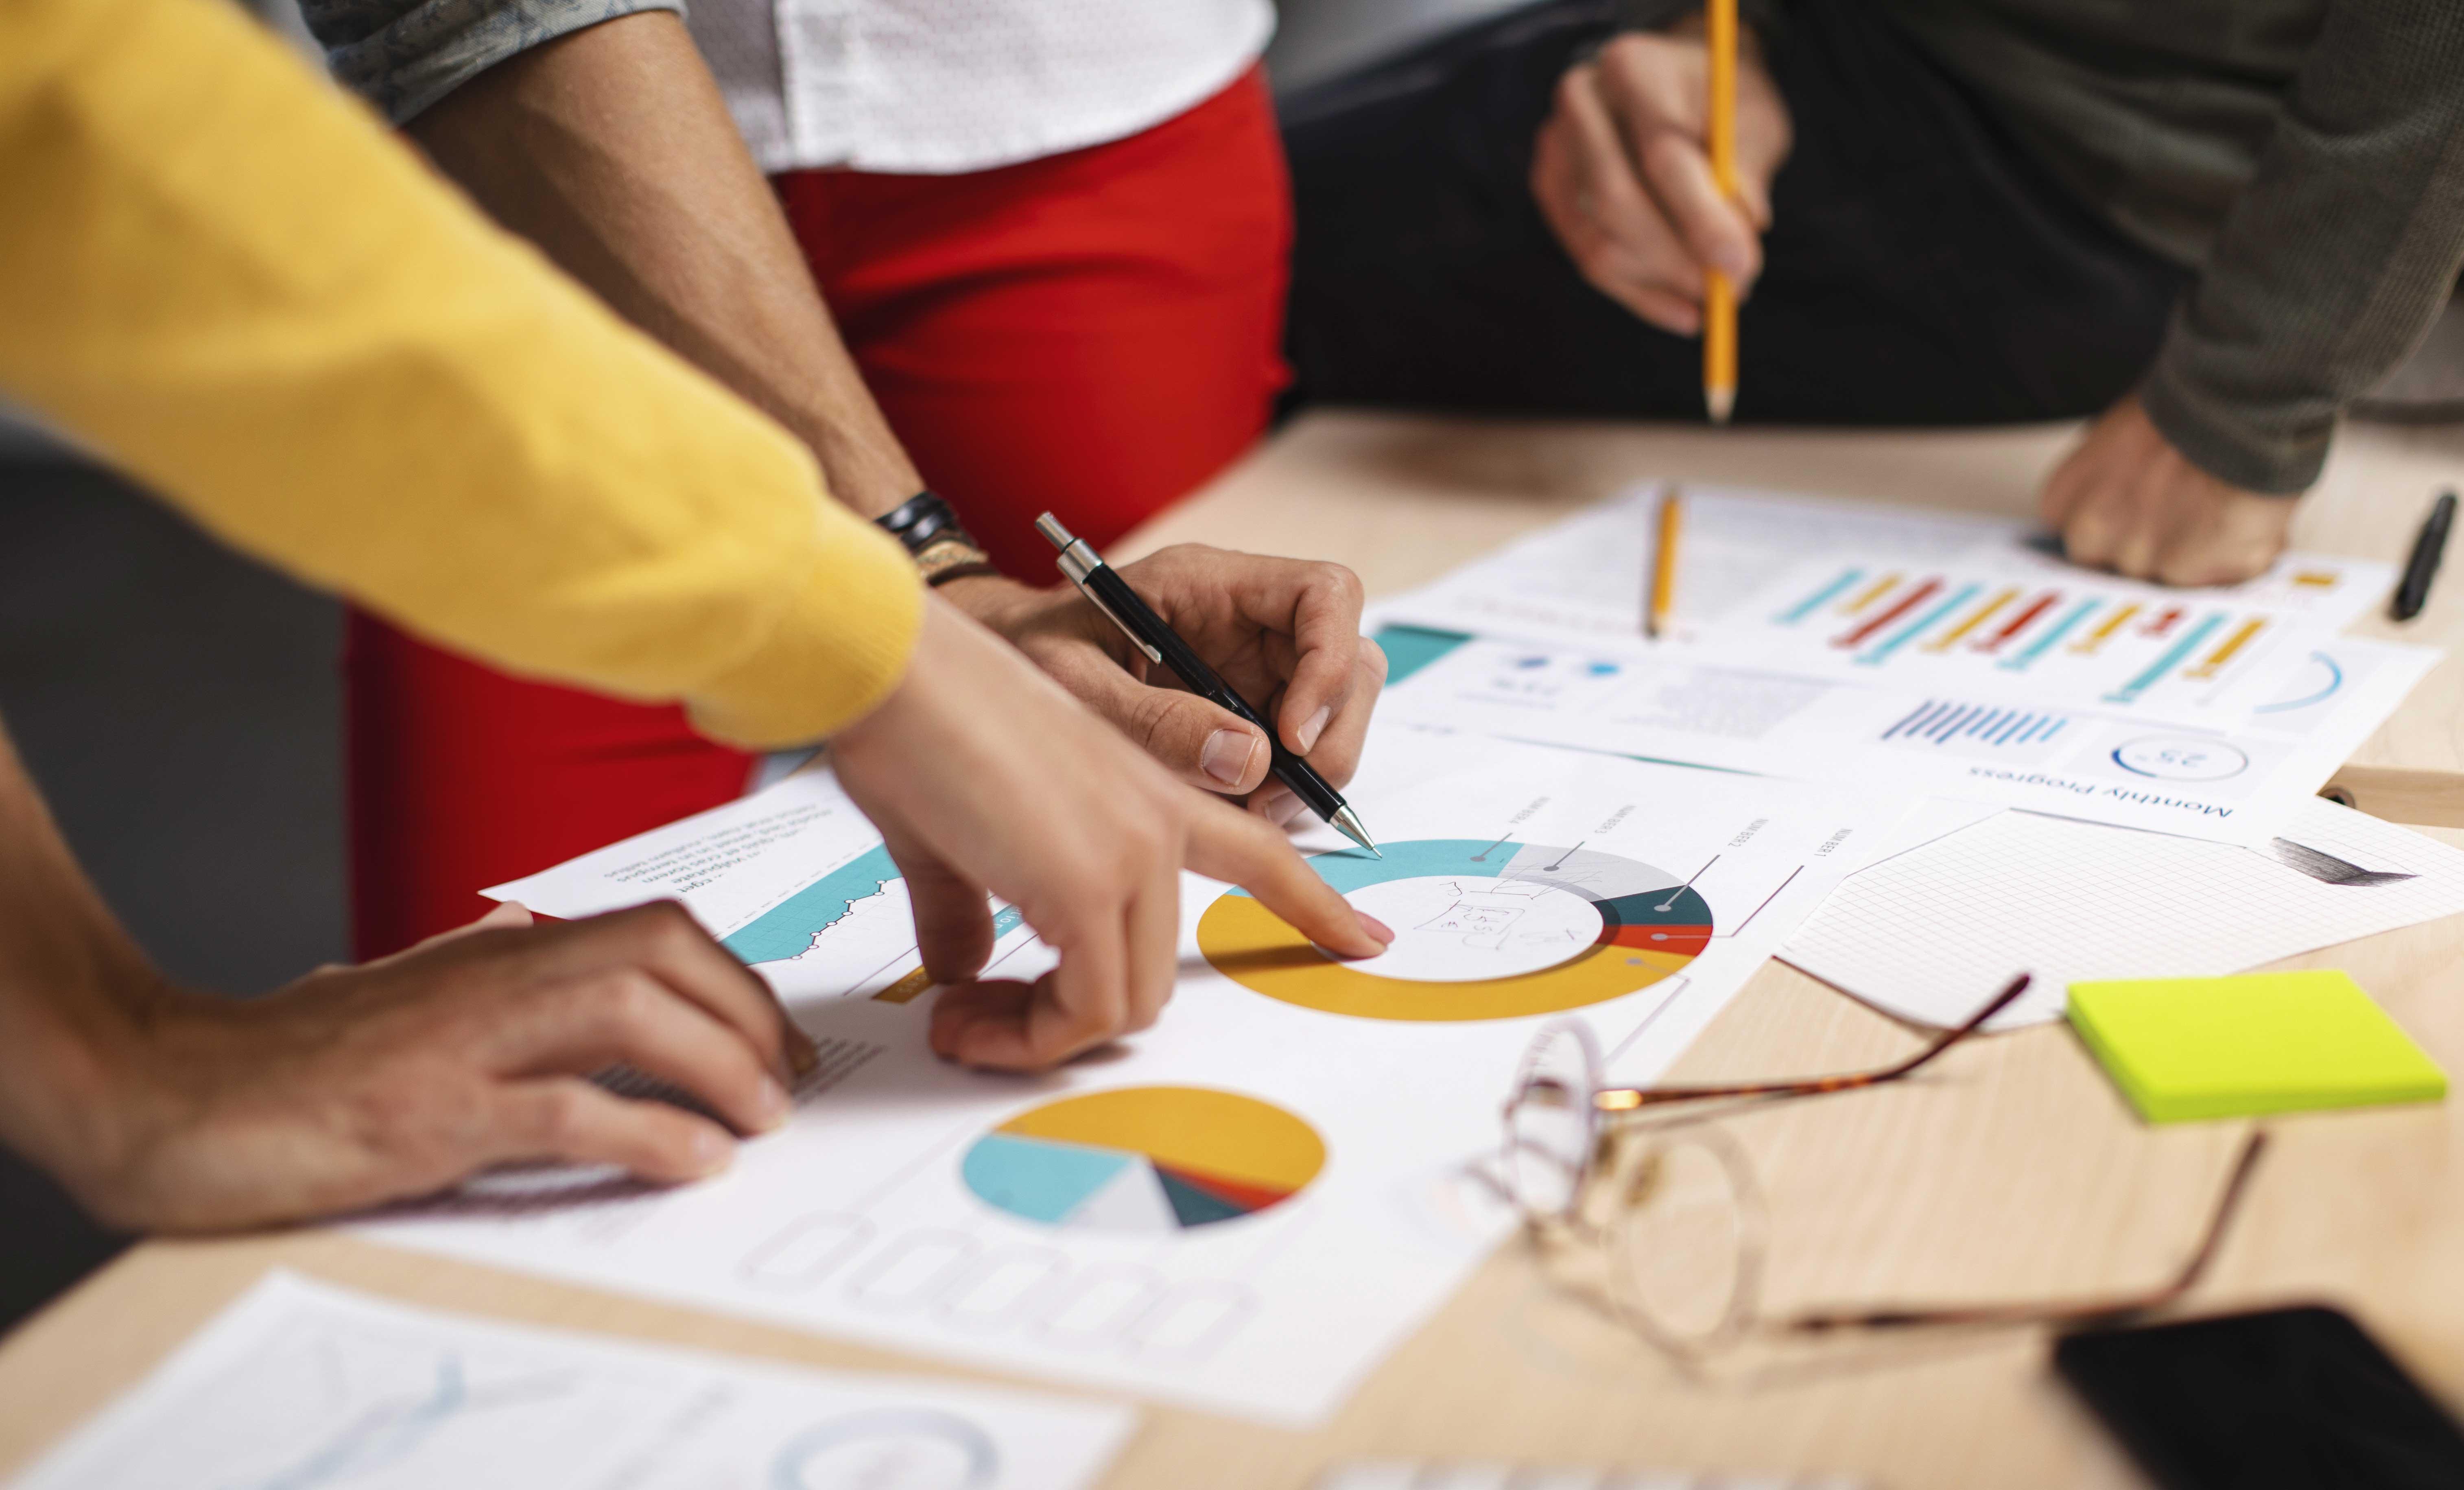 agencias-de-comunicaciones-crece-demanda-por-manejo-de-crisis-y-comunicacion-internanbsp